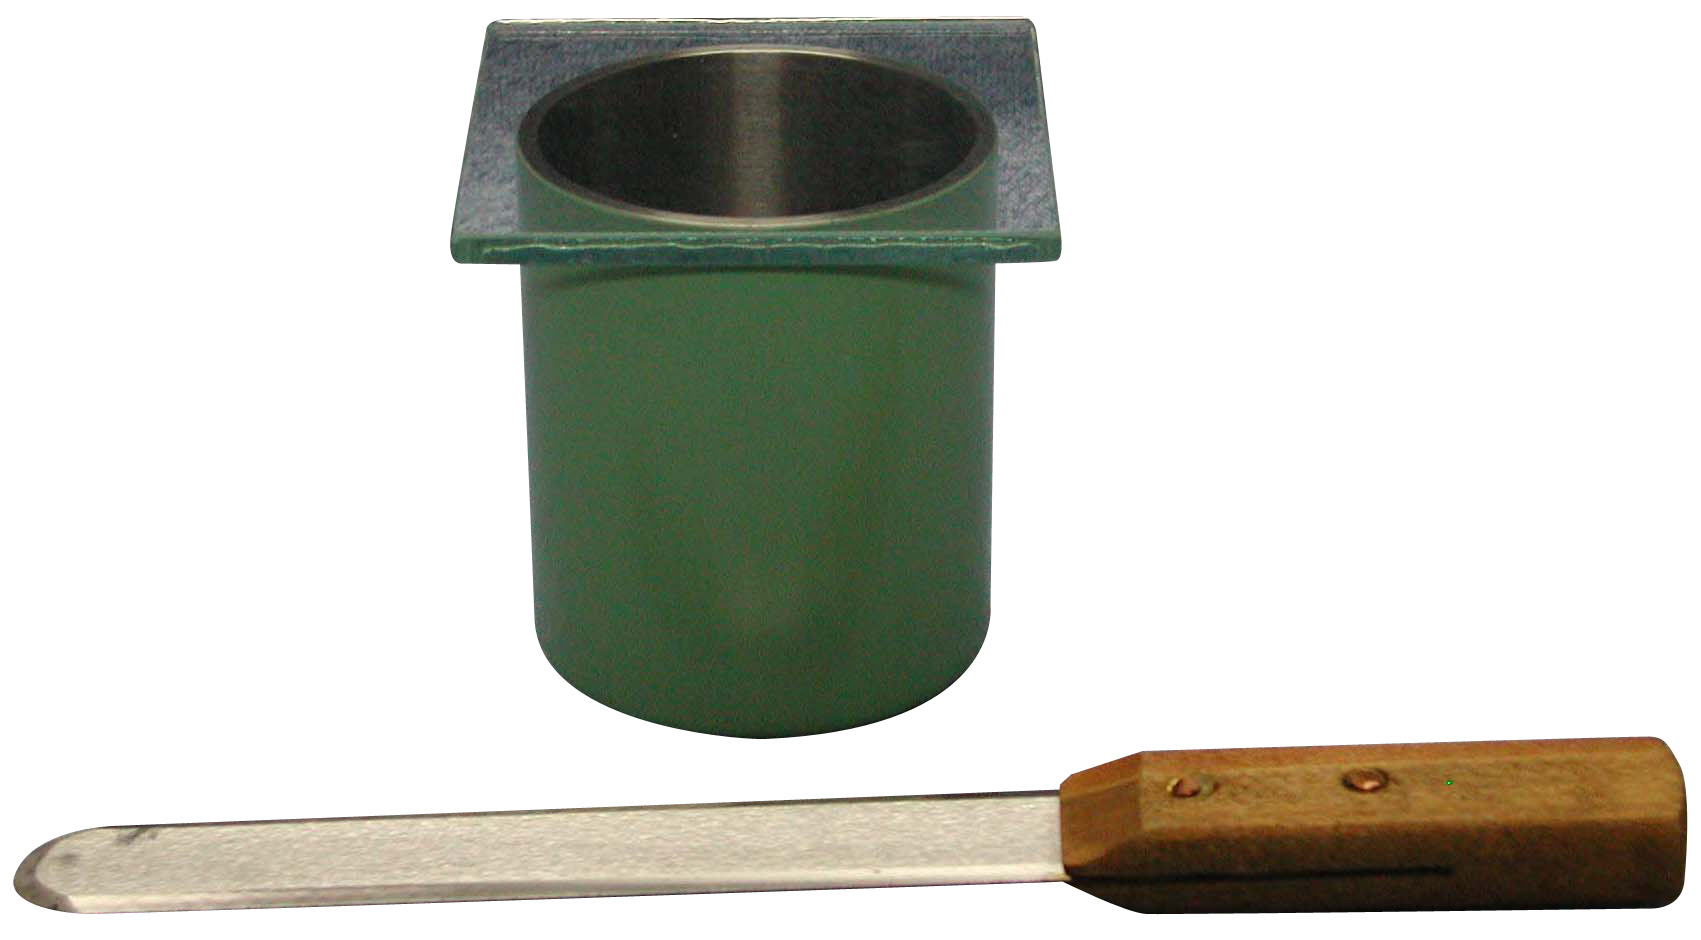 モルタル容器 (鉄製・ステンレス製)